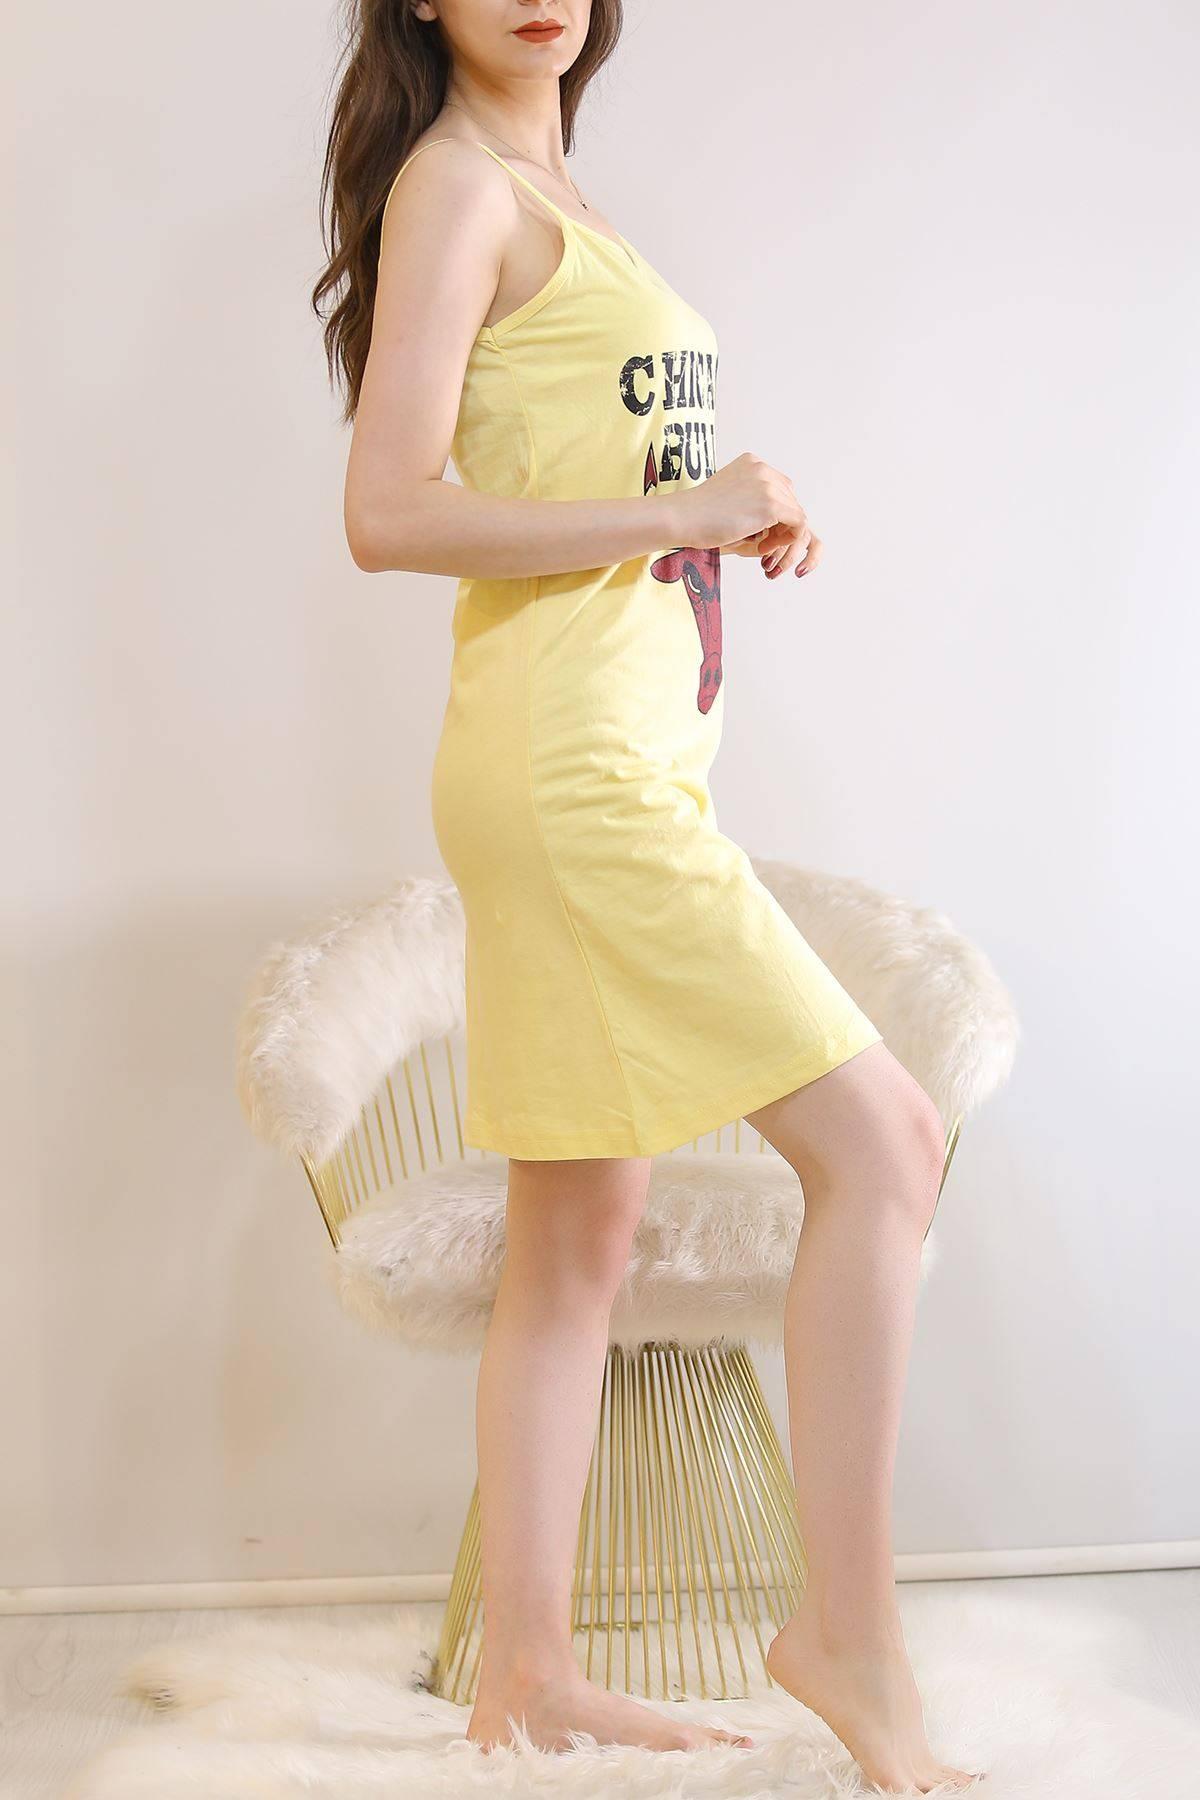 İp Askılı Elbise Sarı2 - 5996.1287.